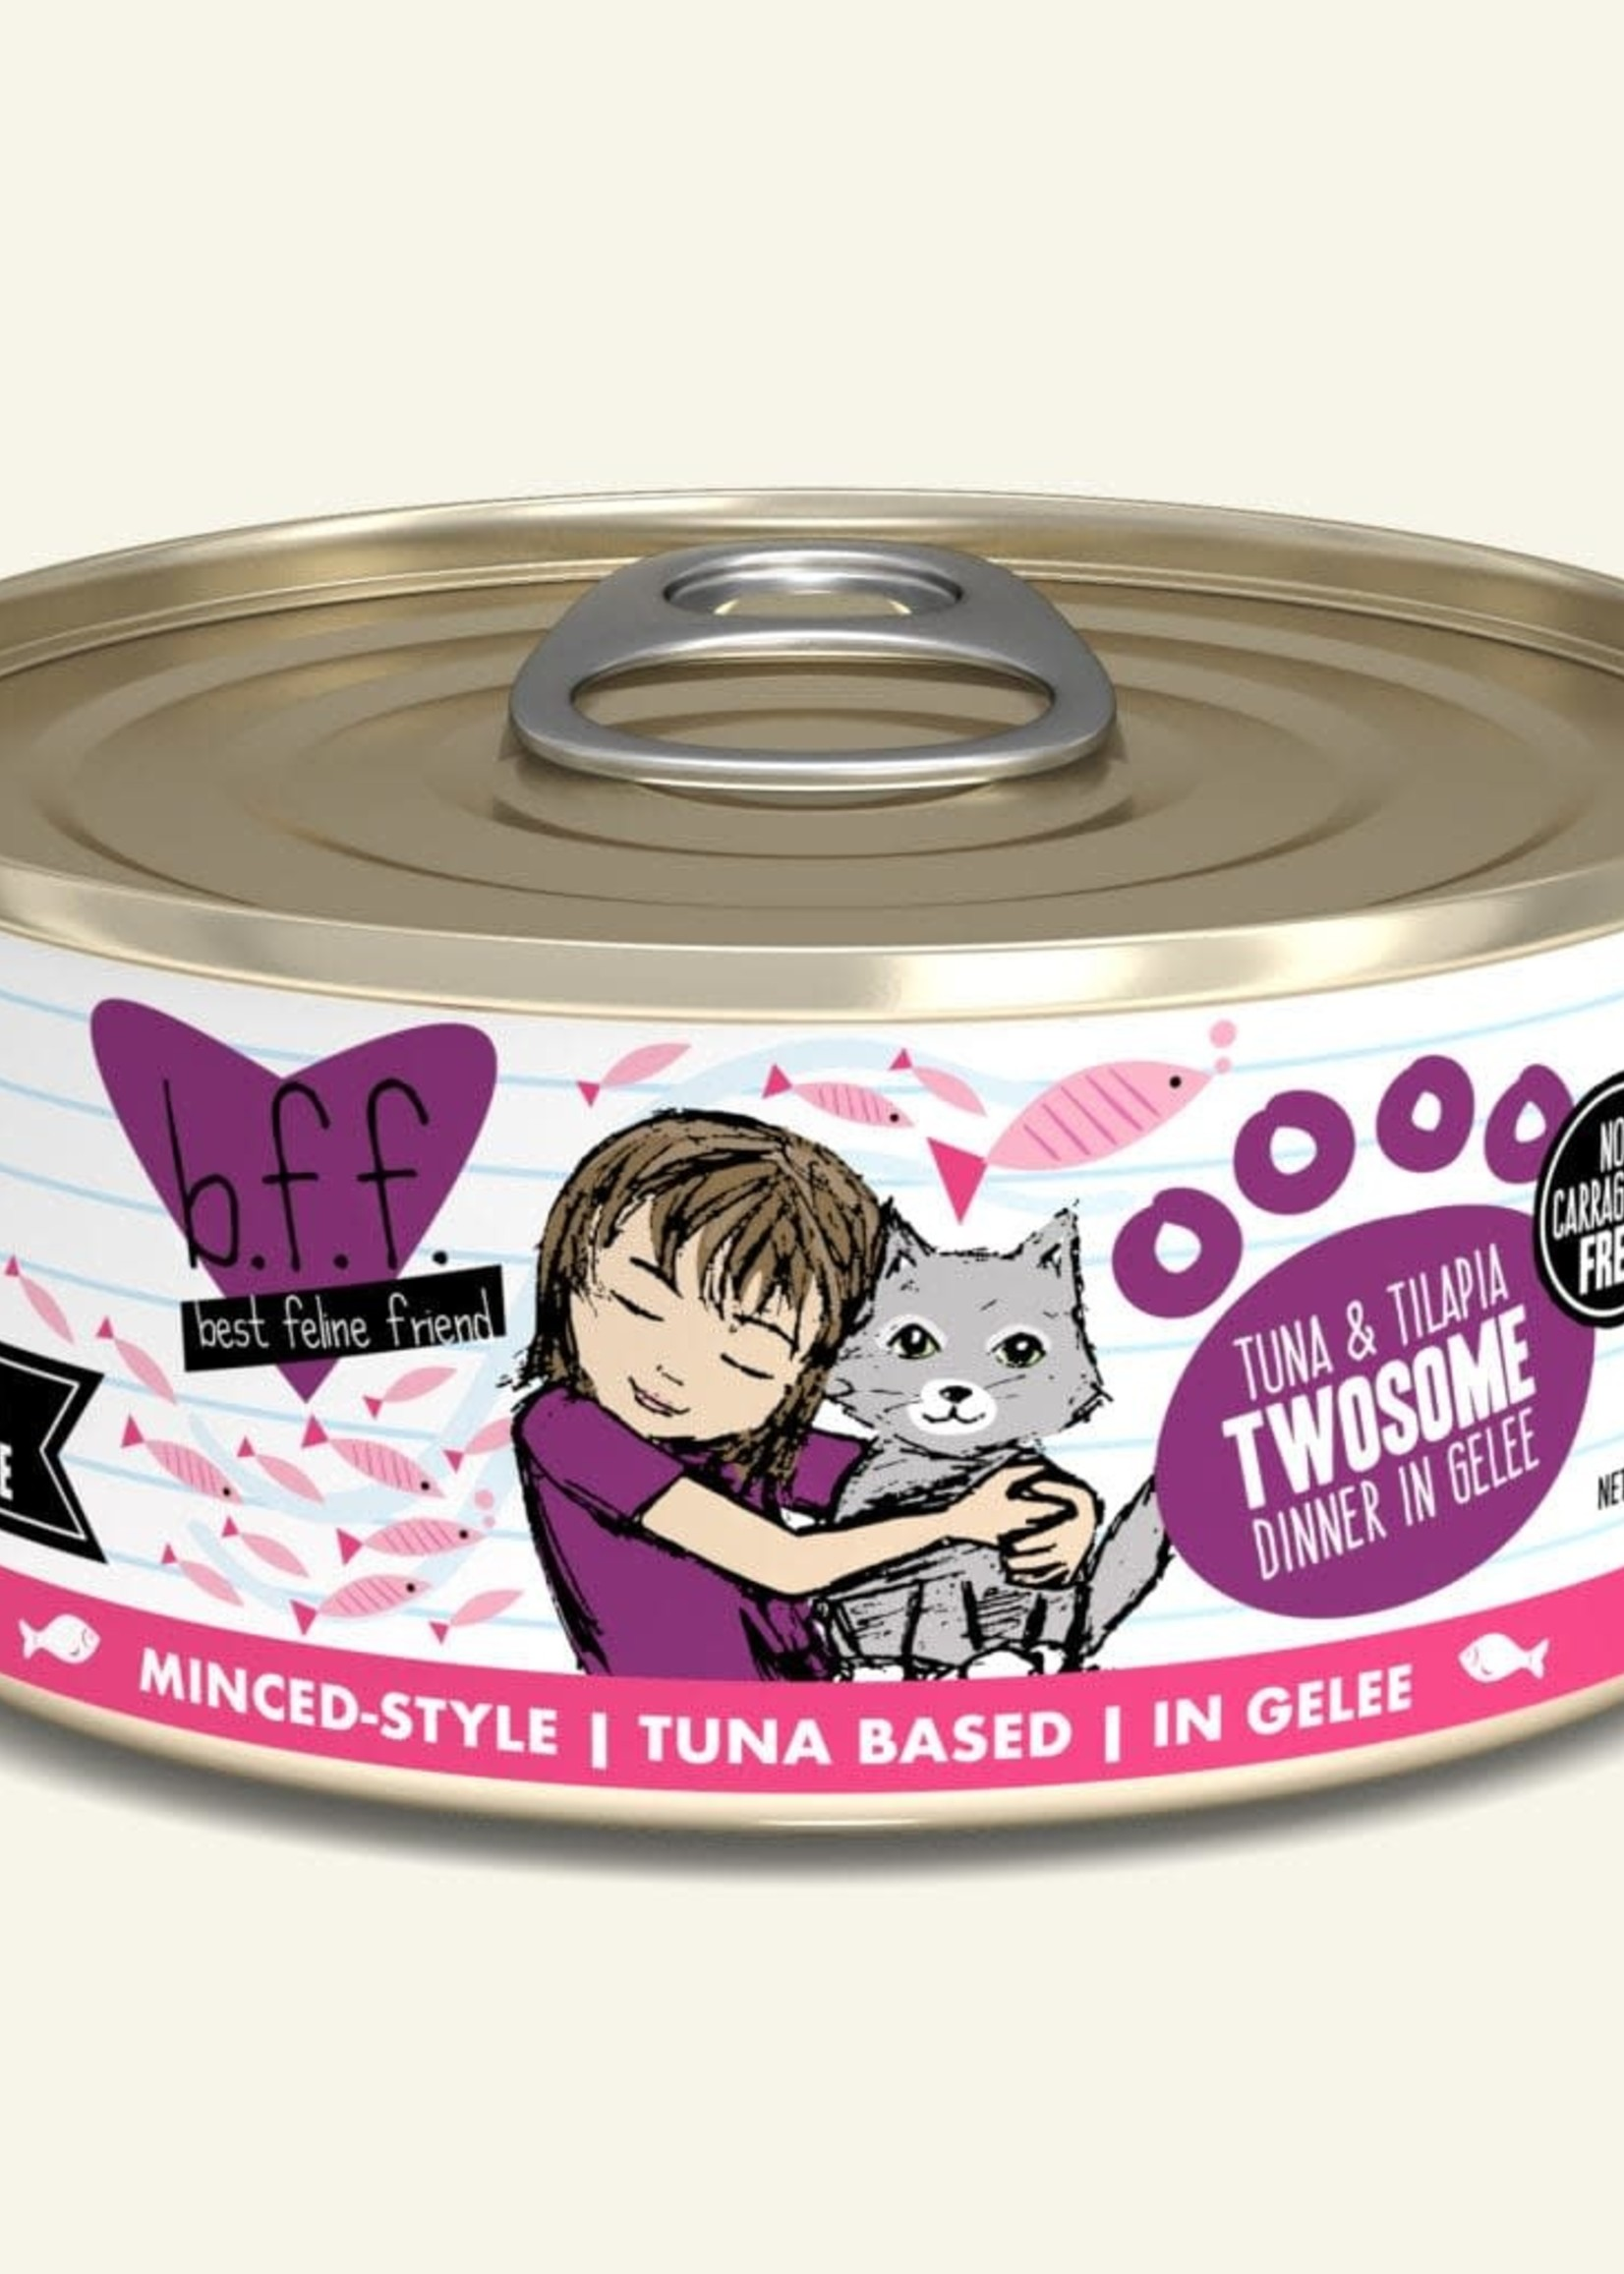 Weruva B.F.F. Tuna & Tilapia Twosome 5.5oz Can Wet Cat Food (Pack of 24)